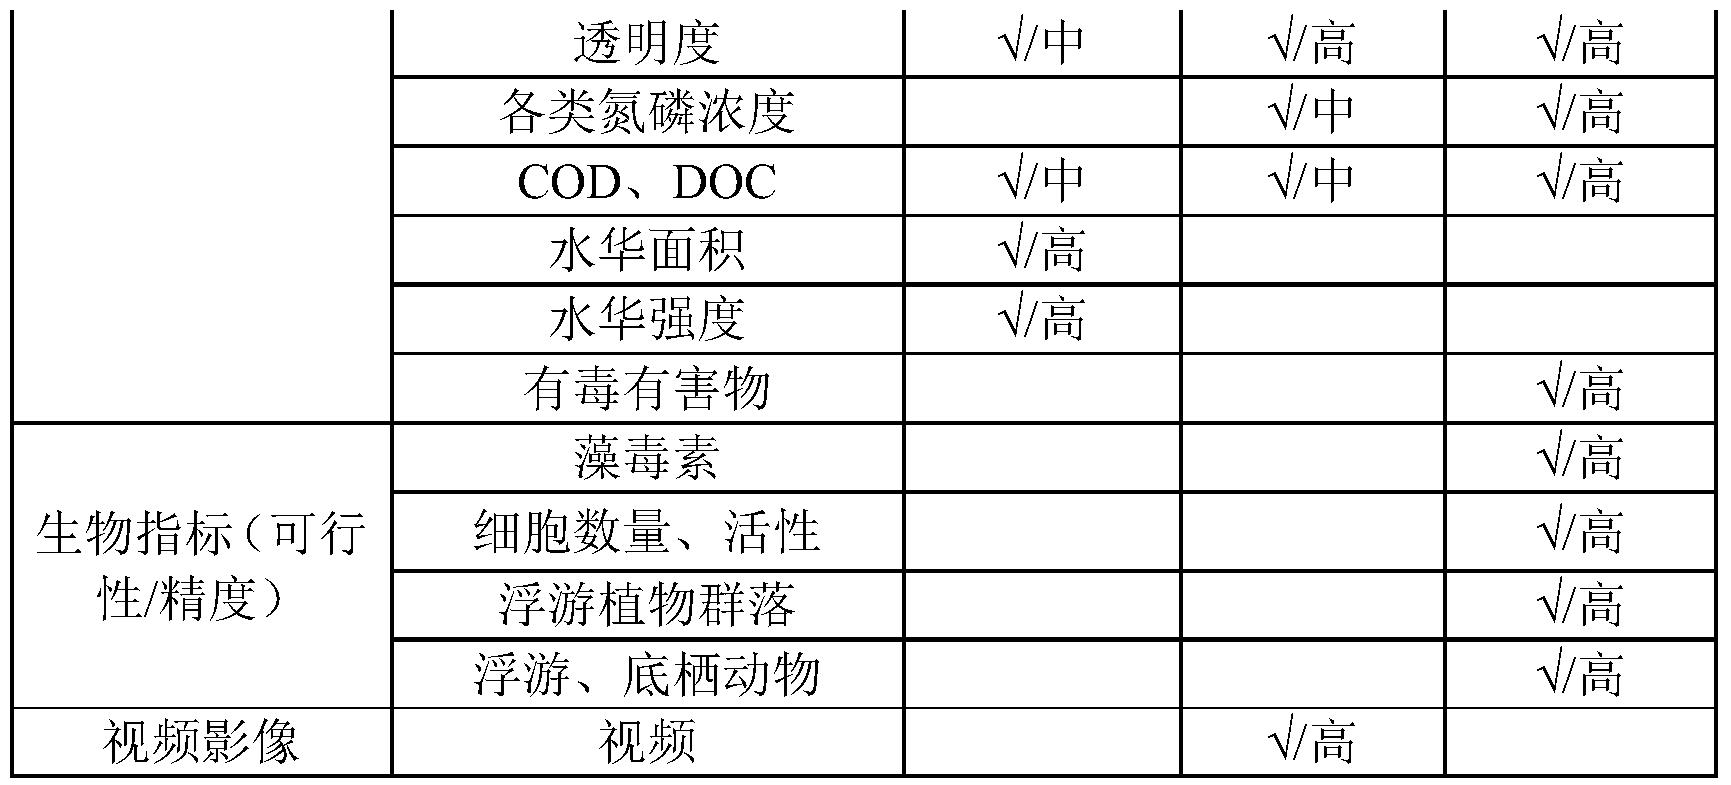 Figure PCTCN2017089012-appb-000025